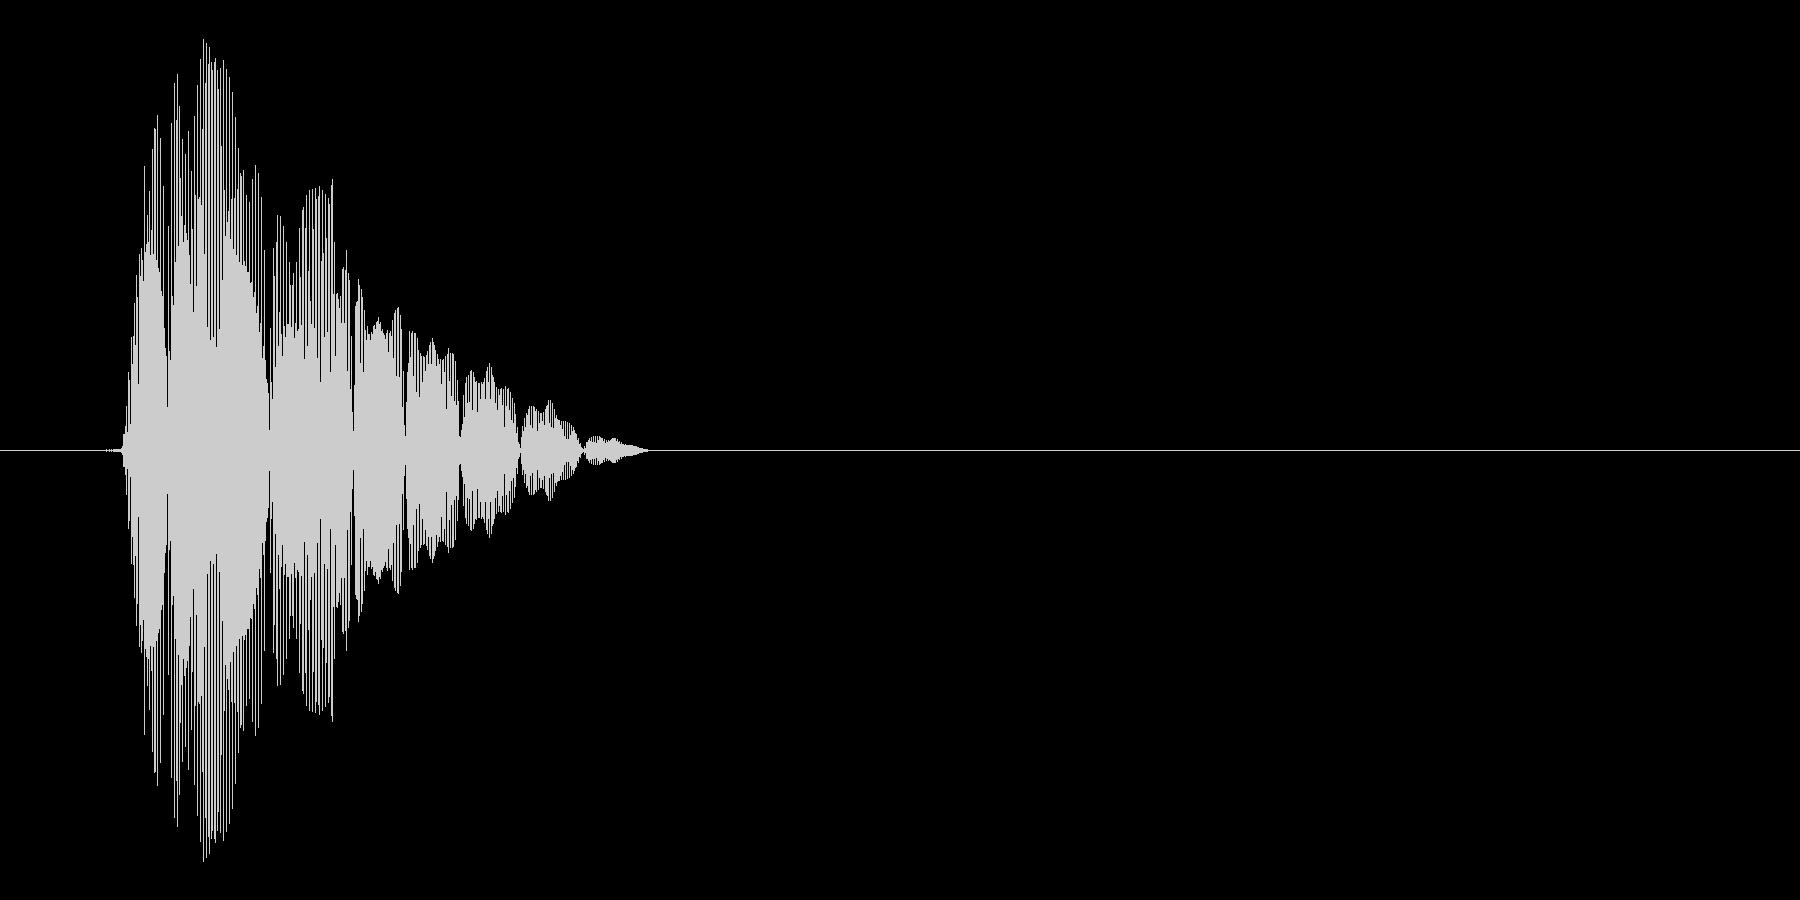 ピコッ(選択、カーソル、間の抜けたSE)の未再生の波形